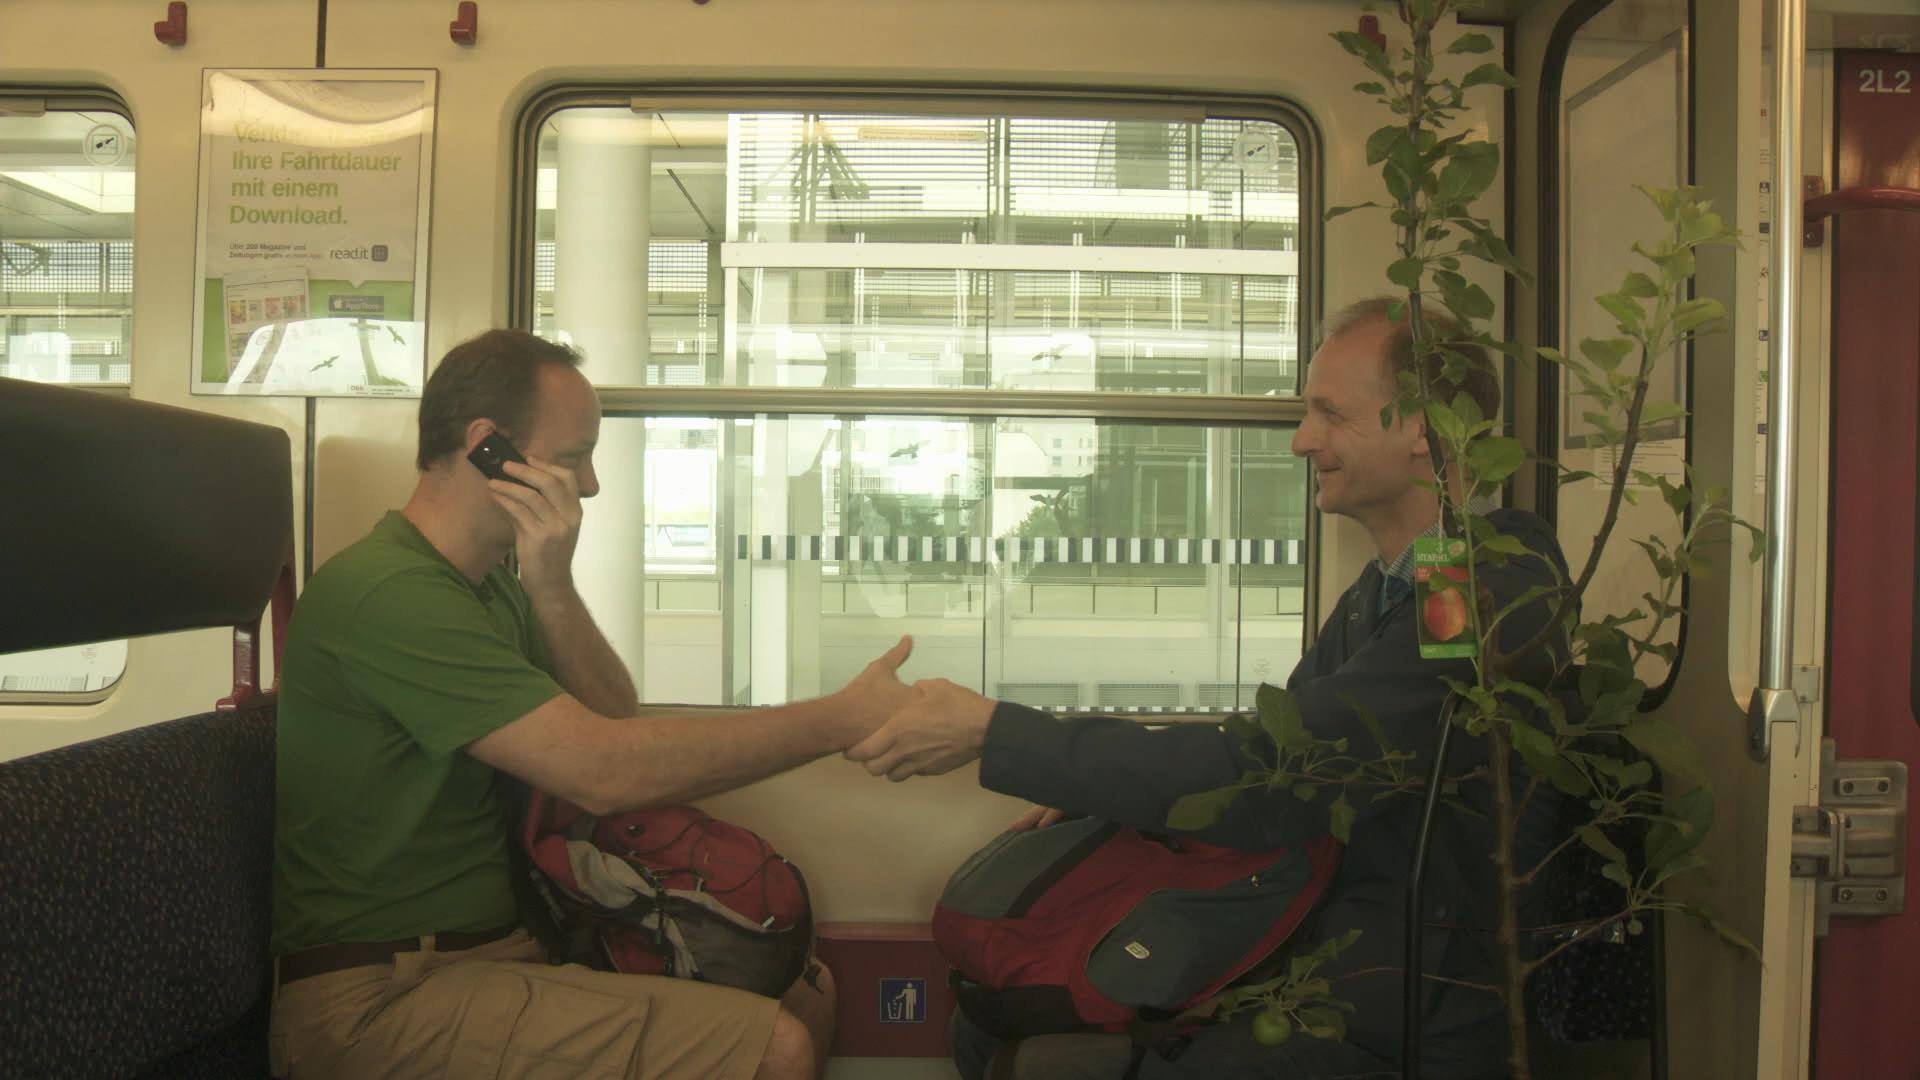 Gerald in S-Bahn